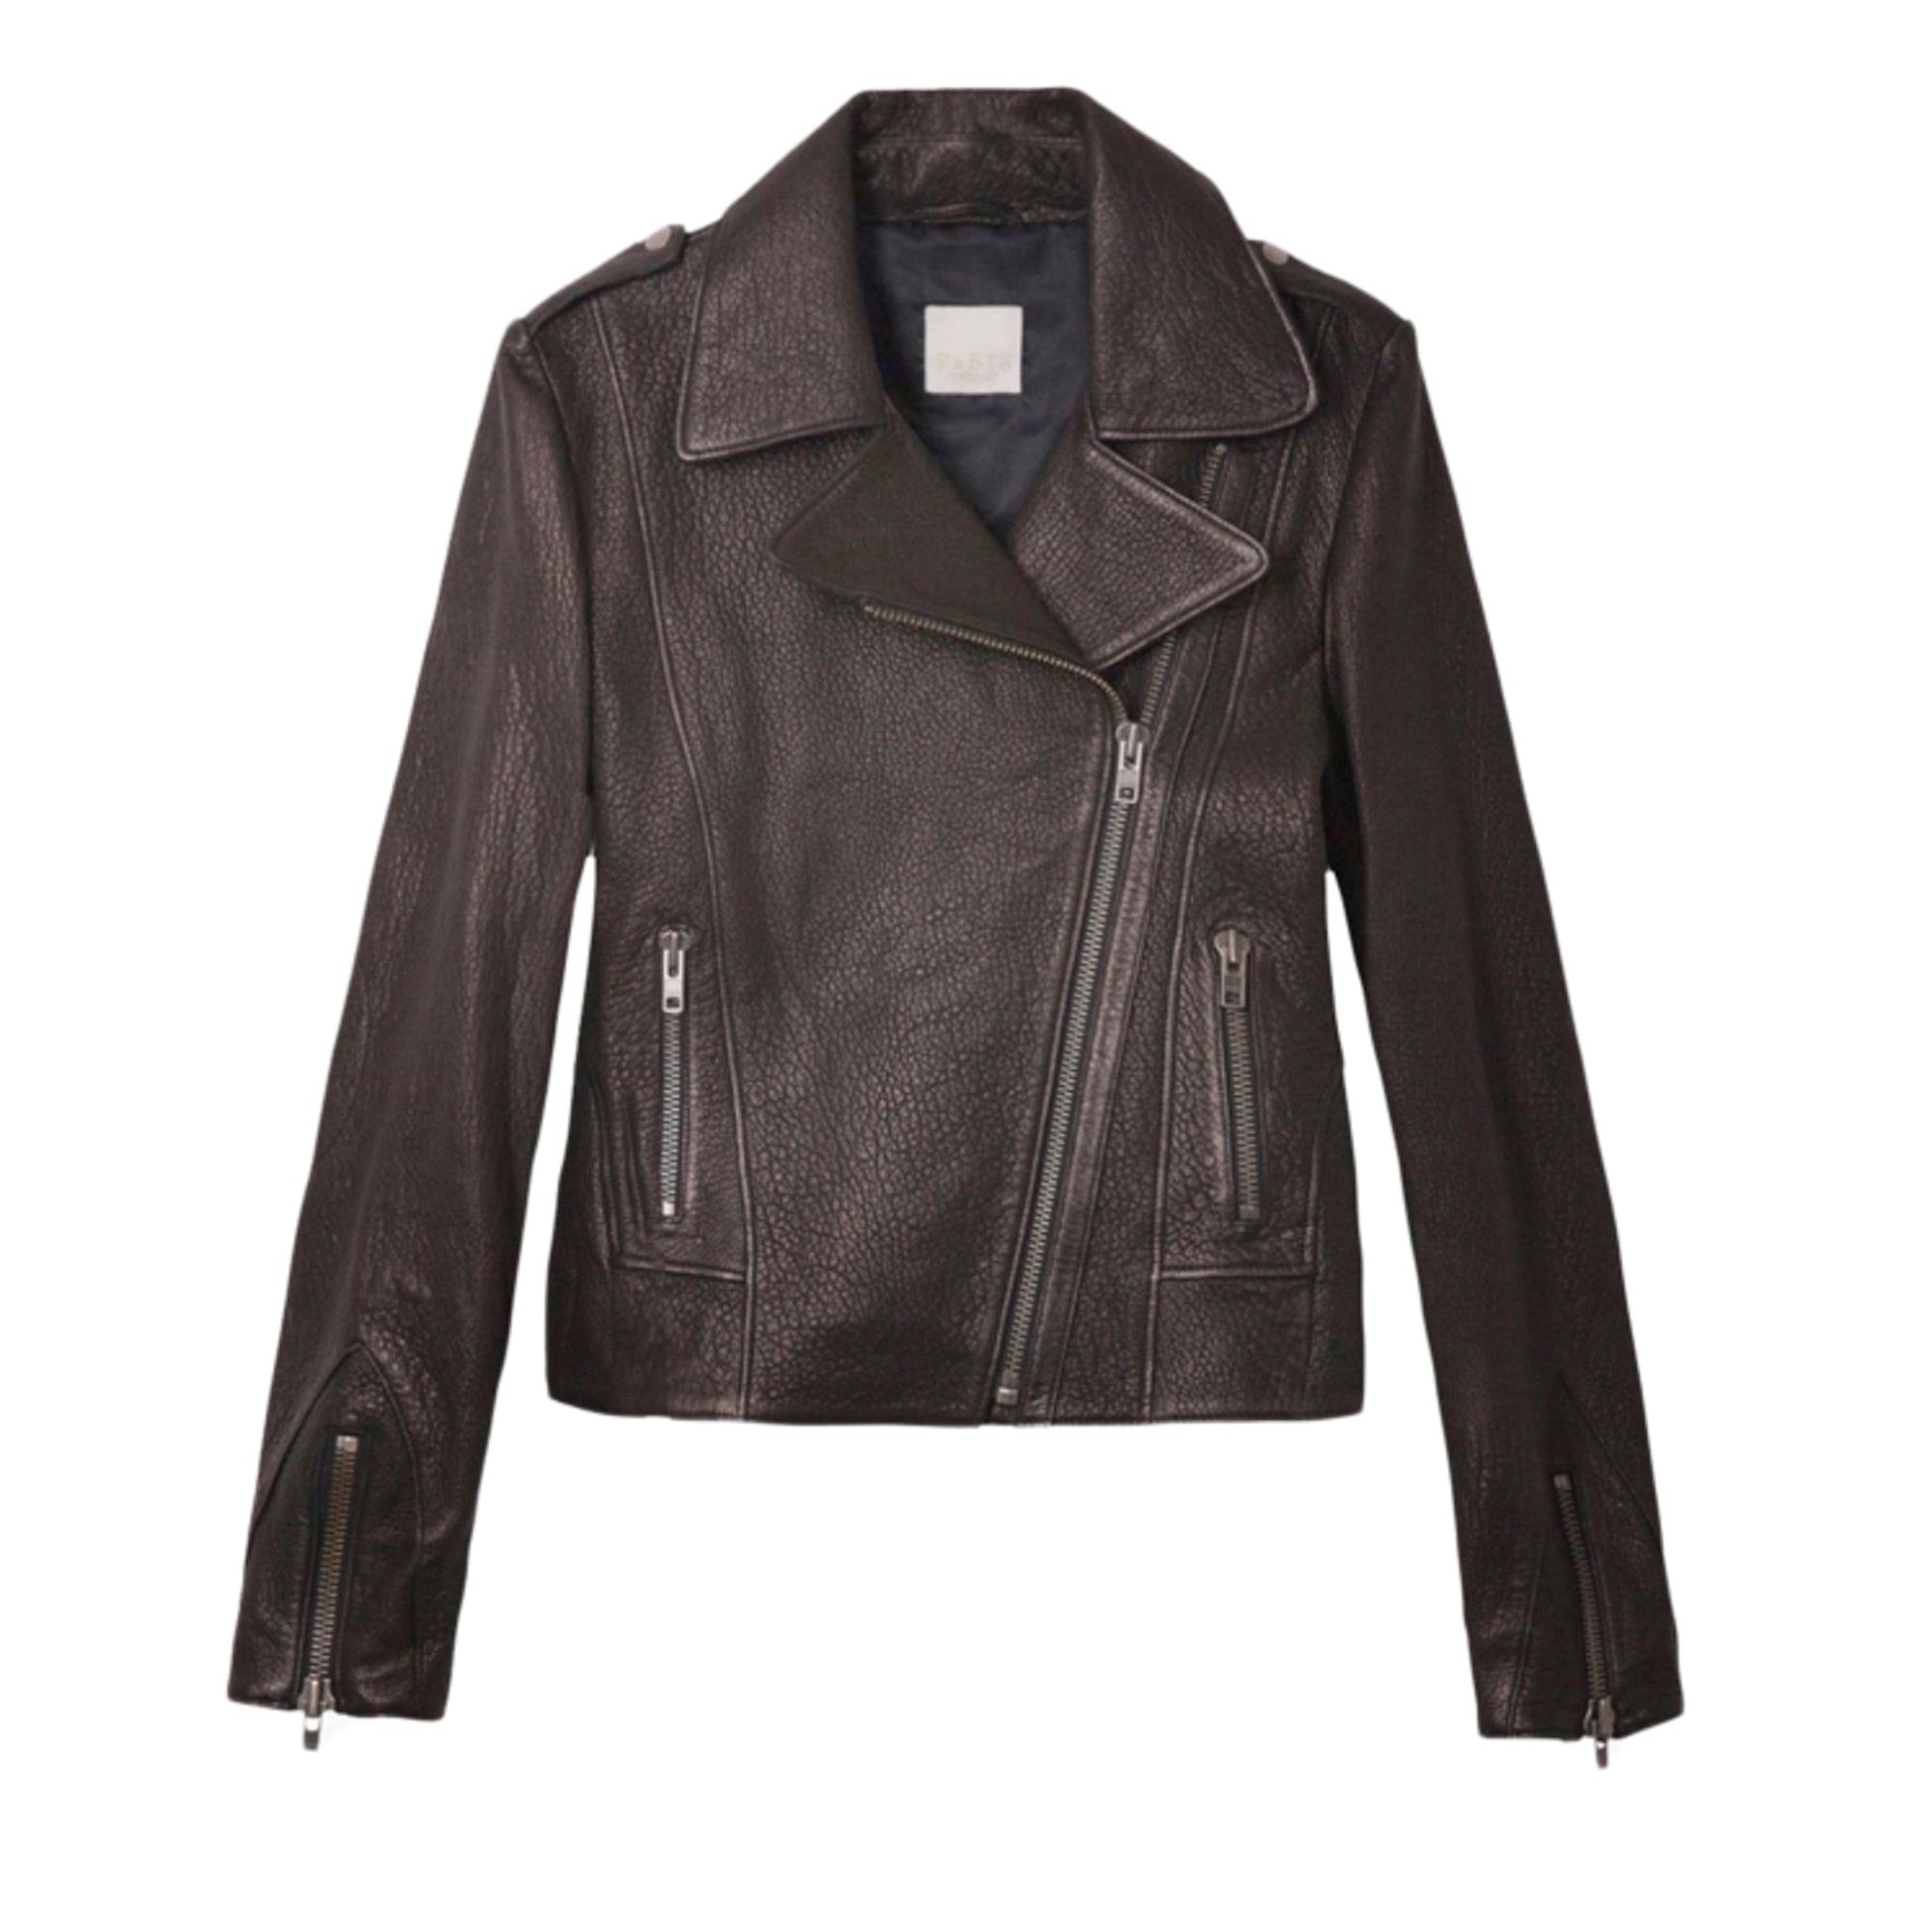 Veste en cuir PABLO DE GERARD DAREL 38 (M, T2) noir vendu par ... c6577efb8bec